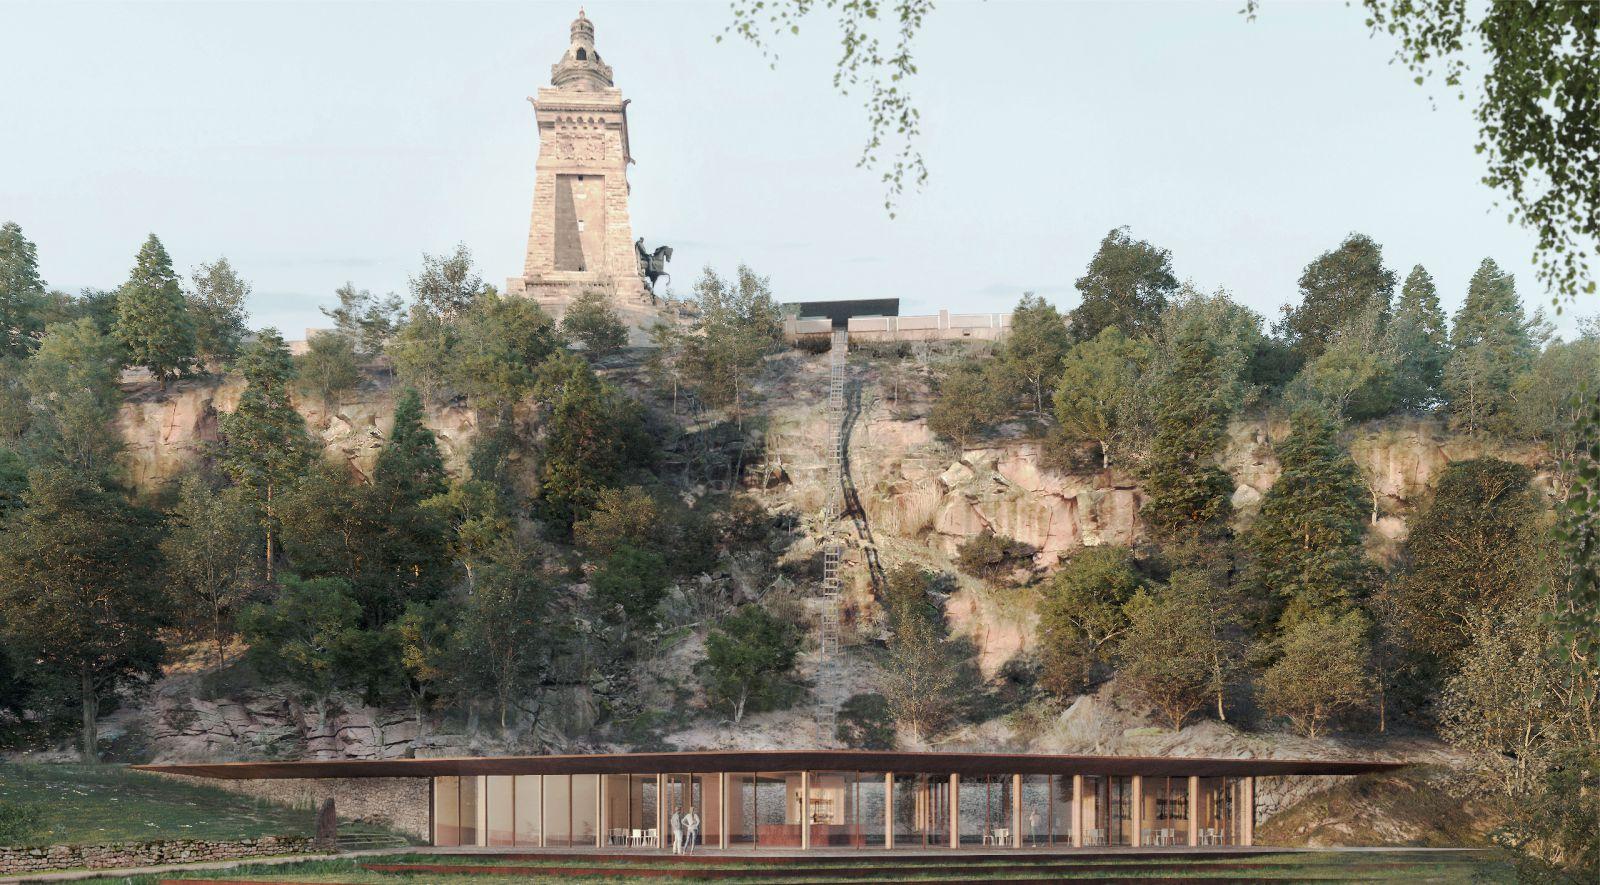 Kyffhäuser Monument